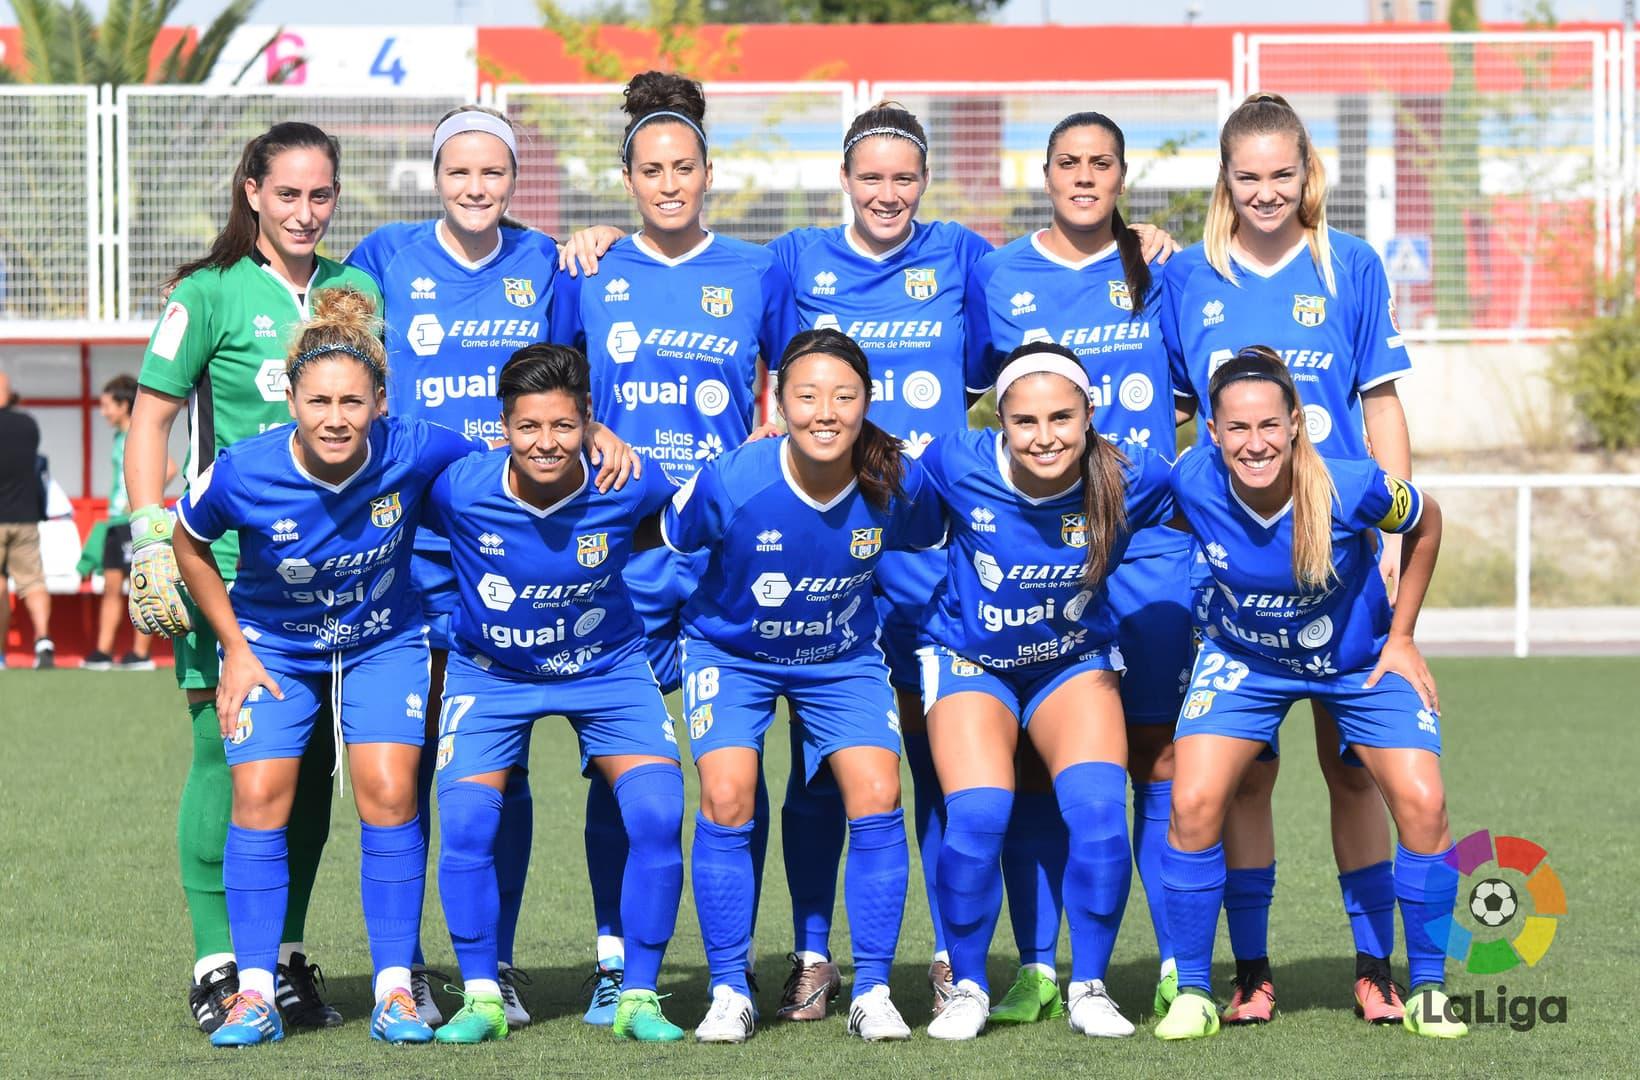 La UD Granadilla Tenerife Egatesa, tras el descalabro del pasado miércoles en Liga ante el Levante UD, necesita del apoyo de su afición este domingo a las 12:00 horas en la Copa de La Reina